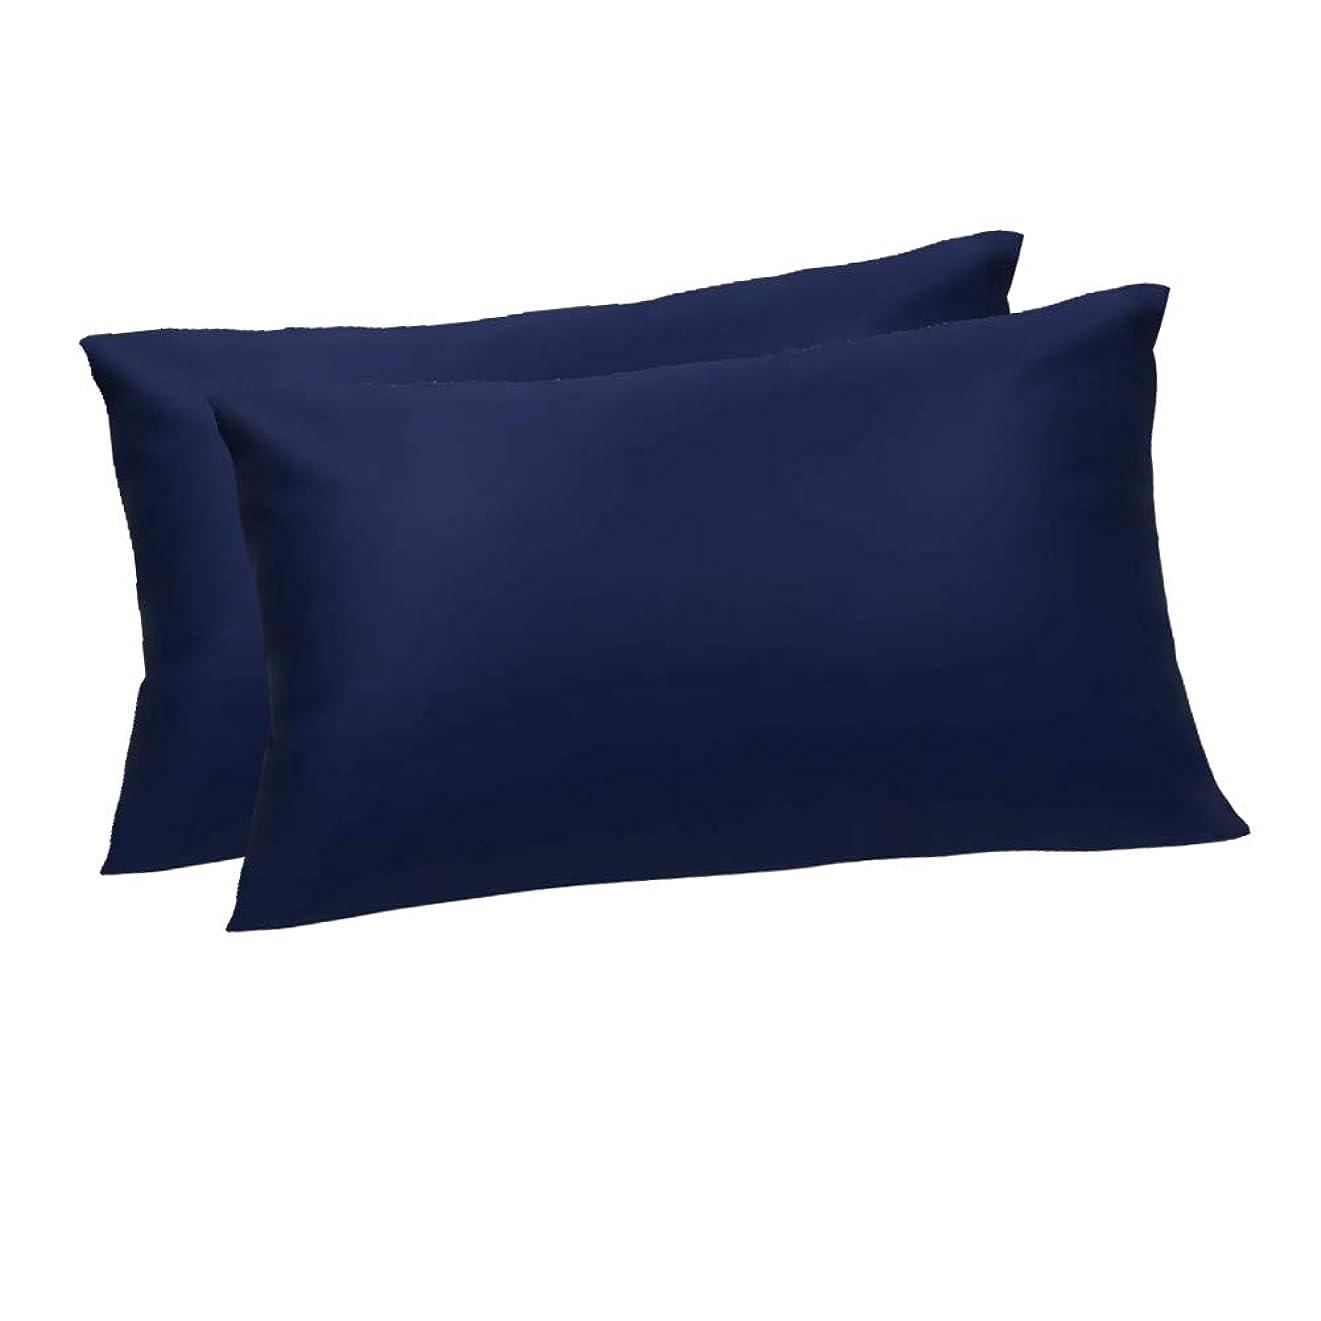 和らげる木材直面する枕カバー ピローケース 43x63㎝ 2枚組 封筒式 ホテル仕様 防ダニ 抗菌 防臭 色褪せにくて しわができにくい (ネイビー)